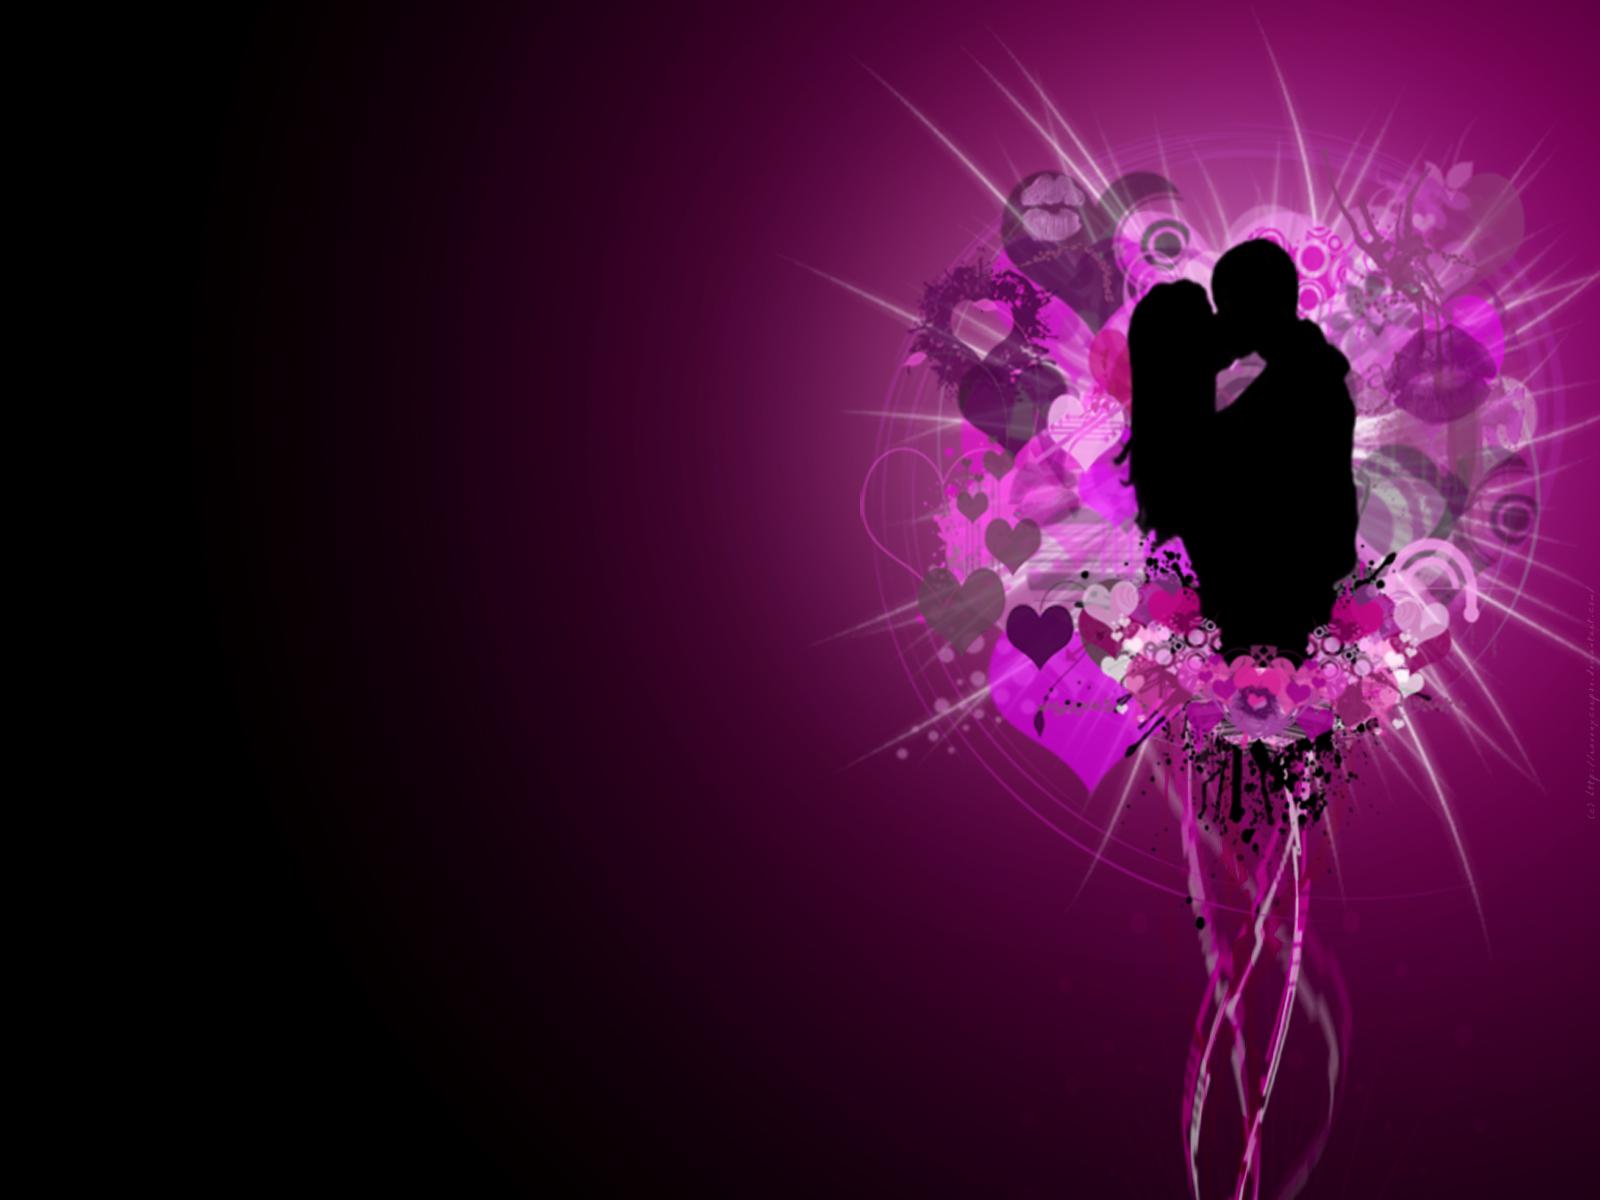 Desktop Wallpapers Backgrounds Valentine Wallpapers Love 1600x1200